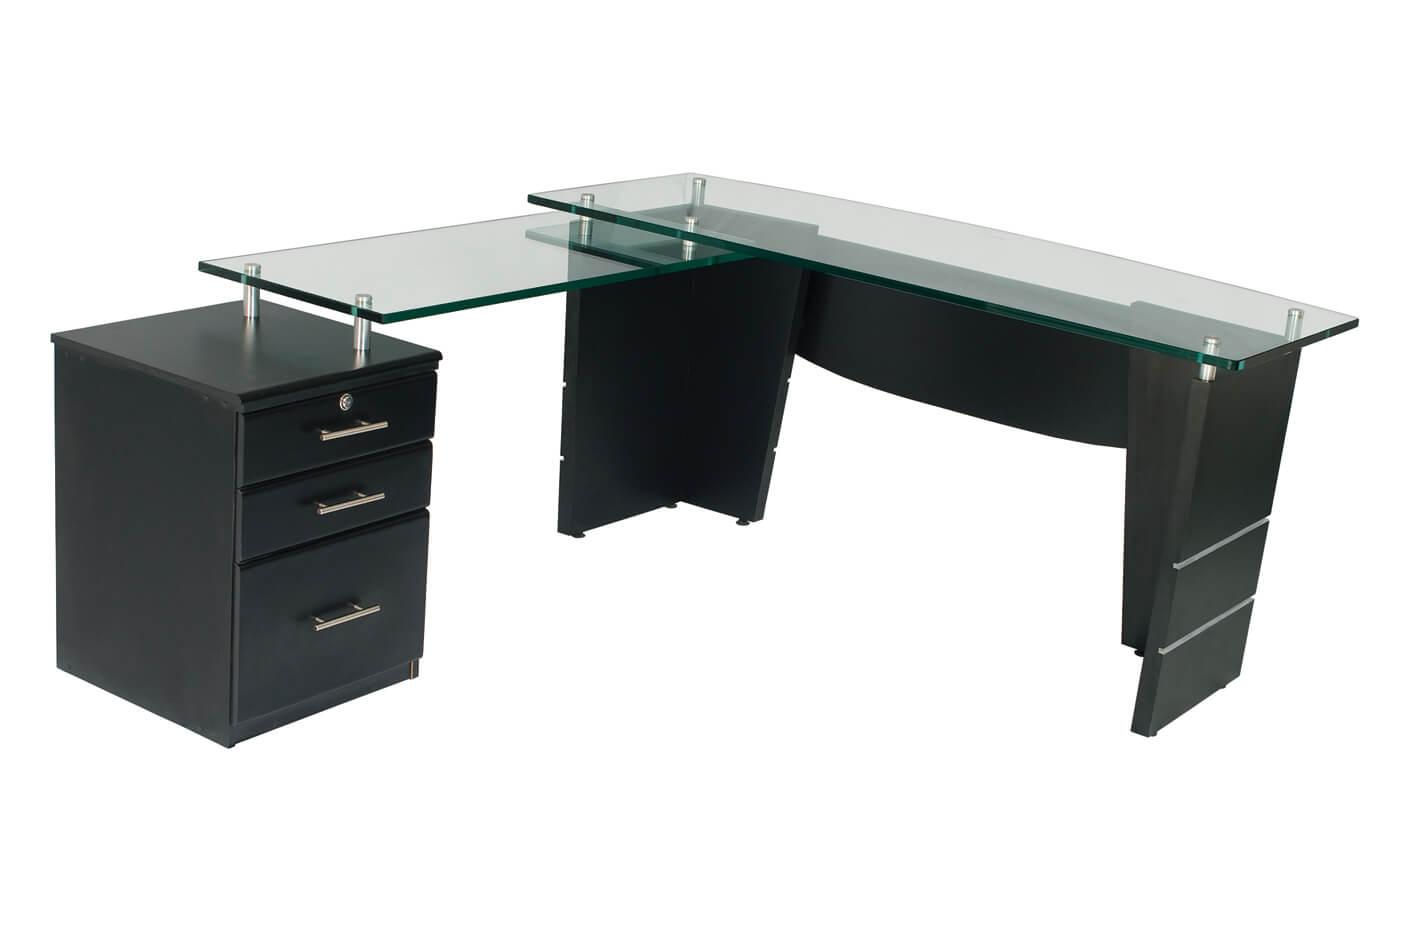 Escritorio vidrio offi dise os for Muebles de oficina vidrio